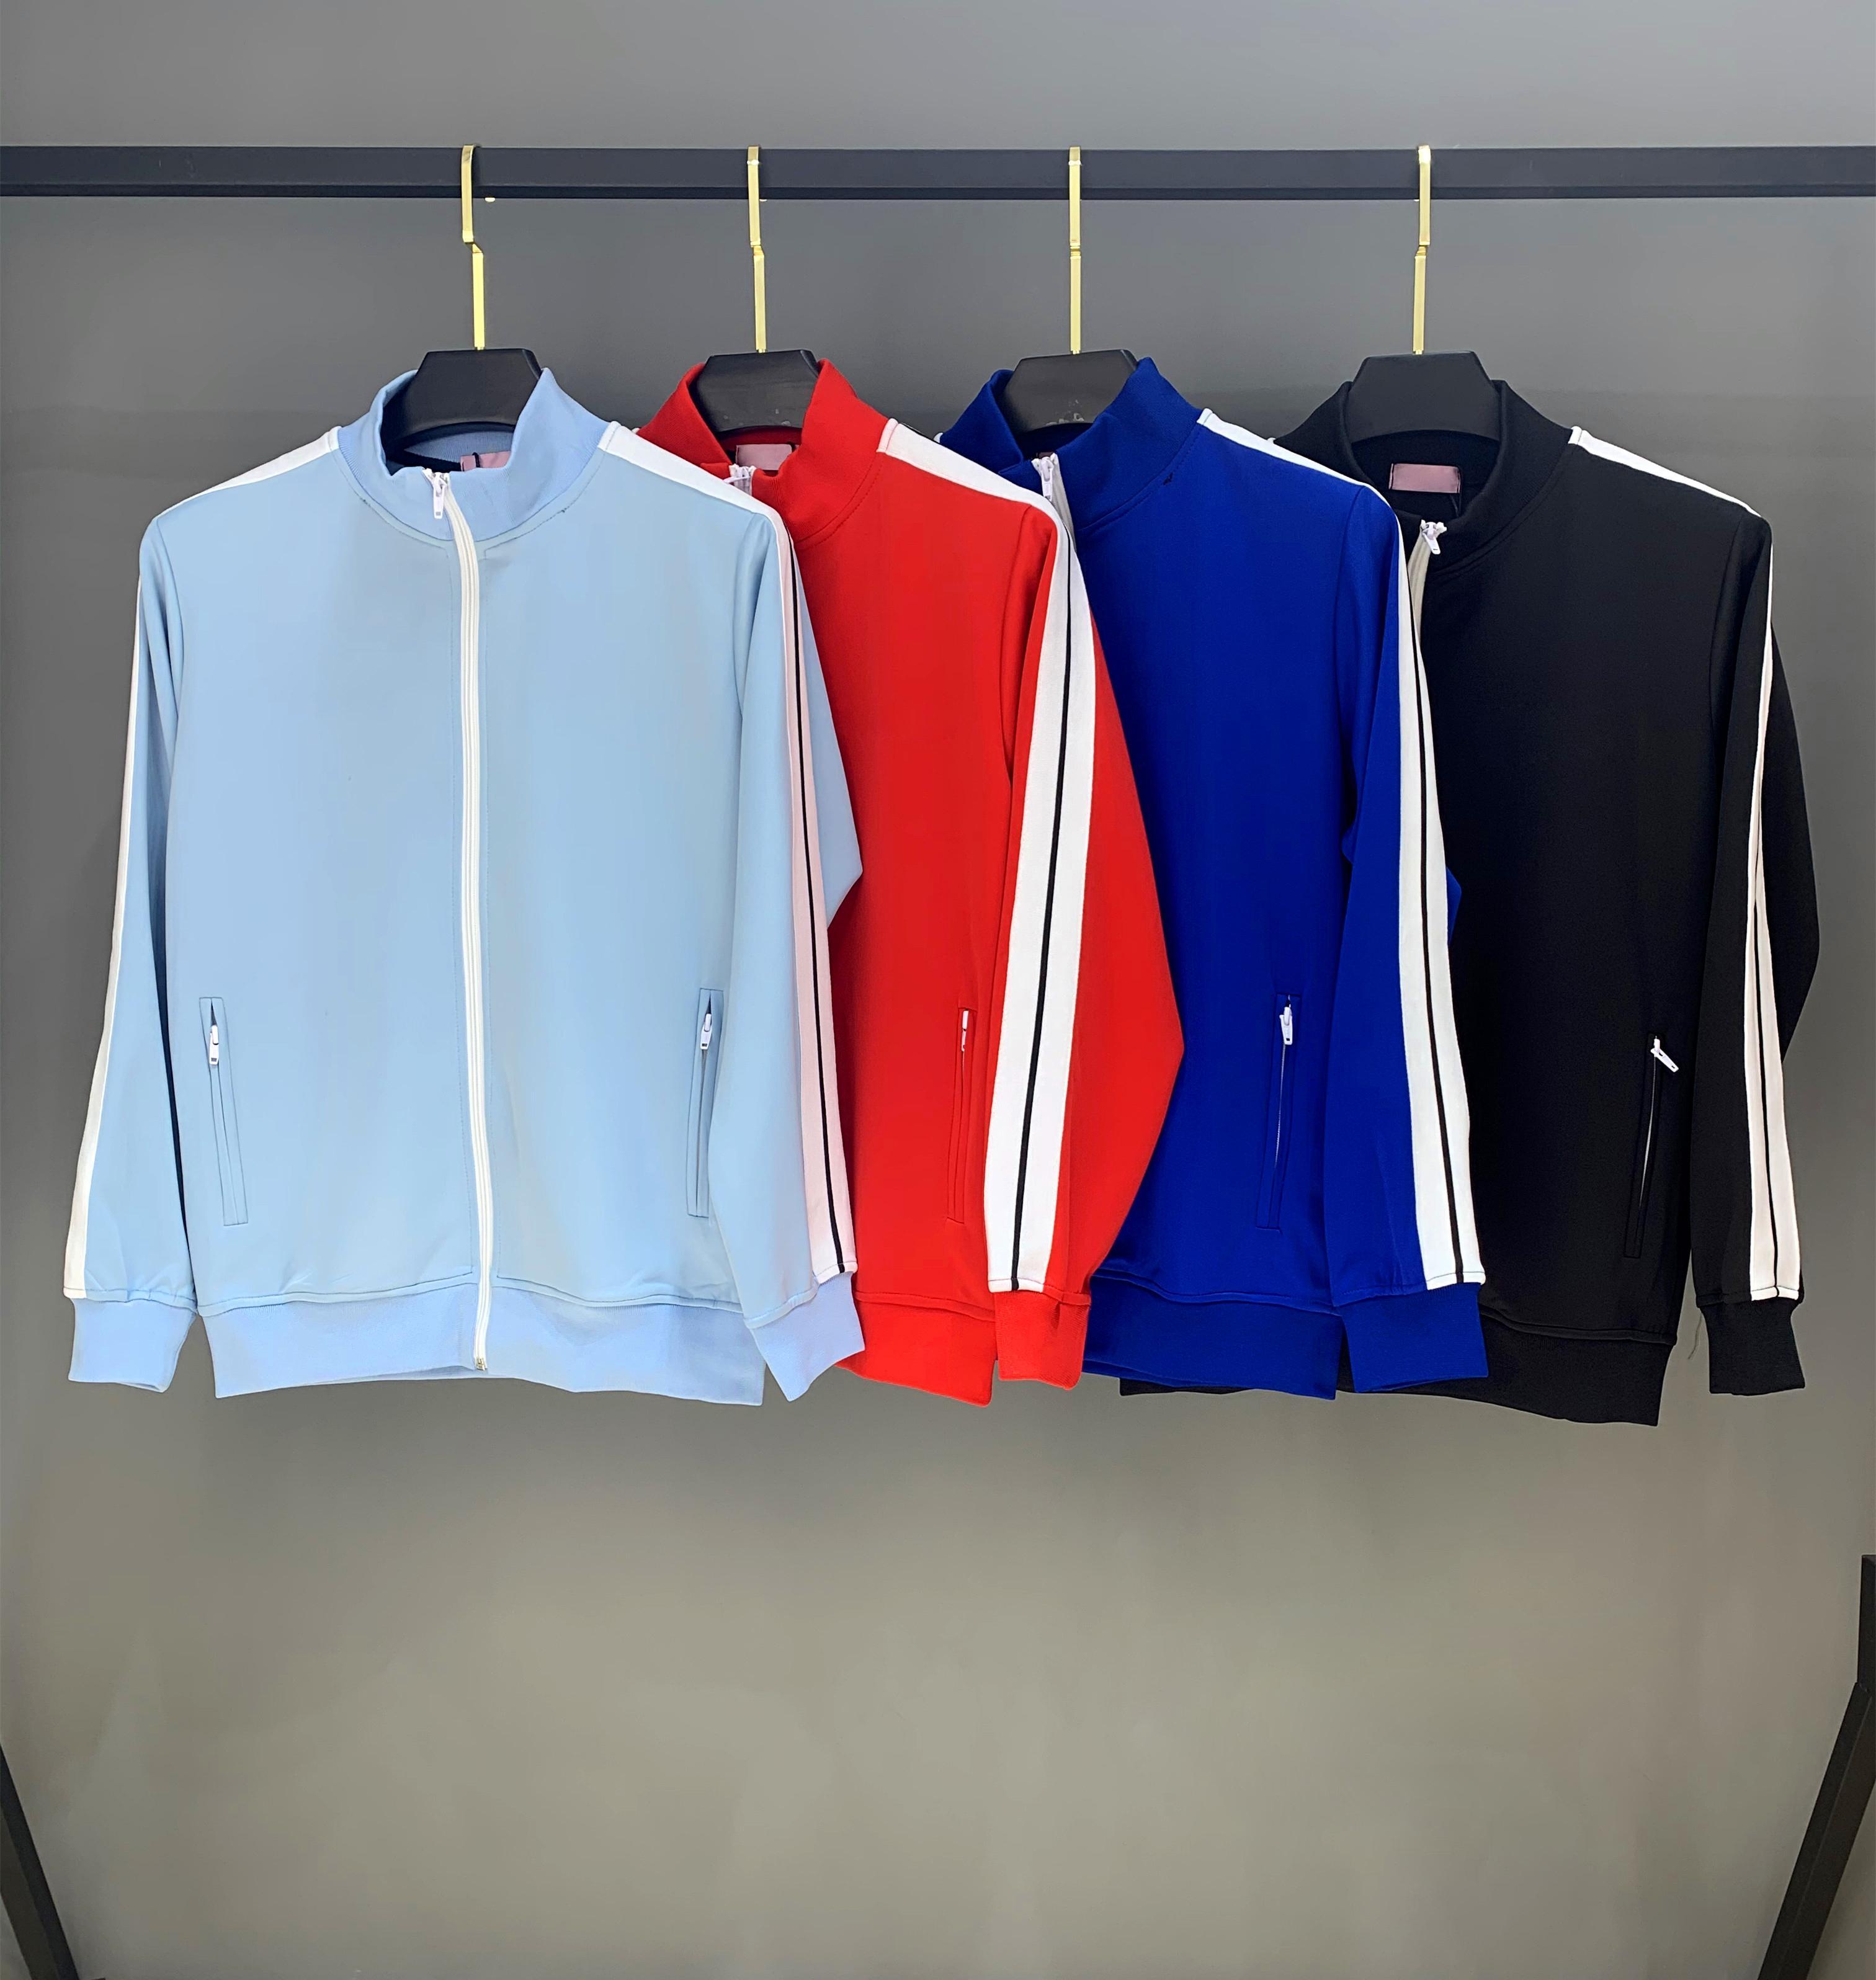 21 ss Herren Designer Kleidung Womens Trainingsanzug Man Jacke Hoodie Anzüge oder Hosen Männer Kleidung Sportswear Hoodies Tracksuits Euro Größe S-XL PA2022